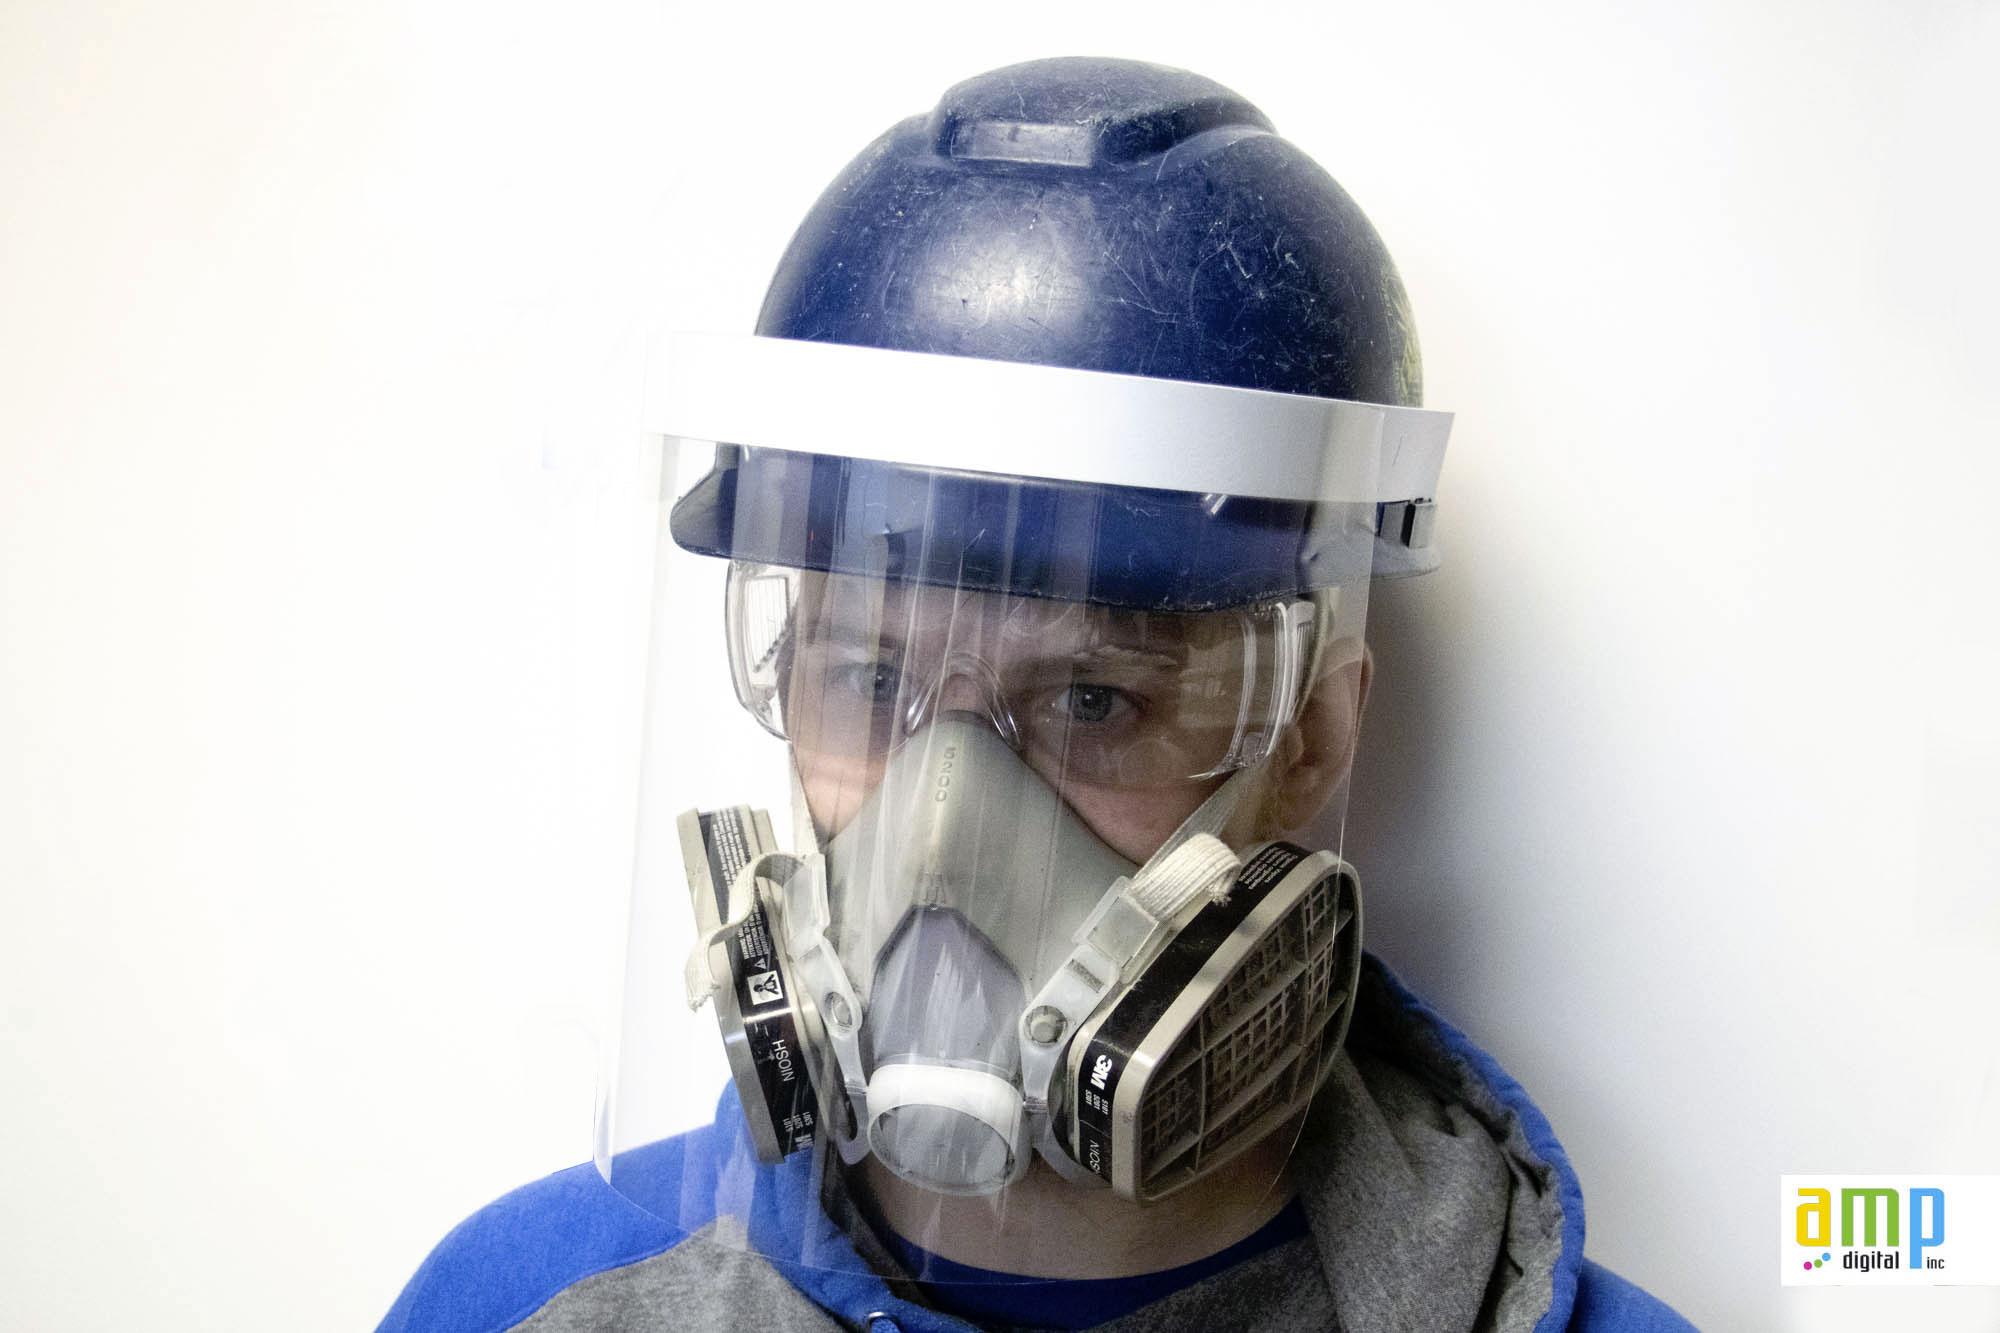 Visière protection Construction